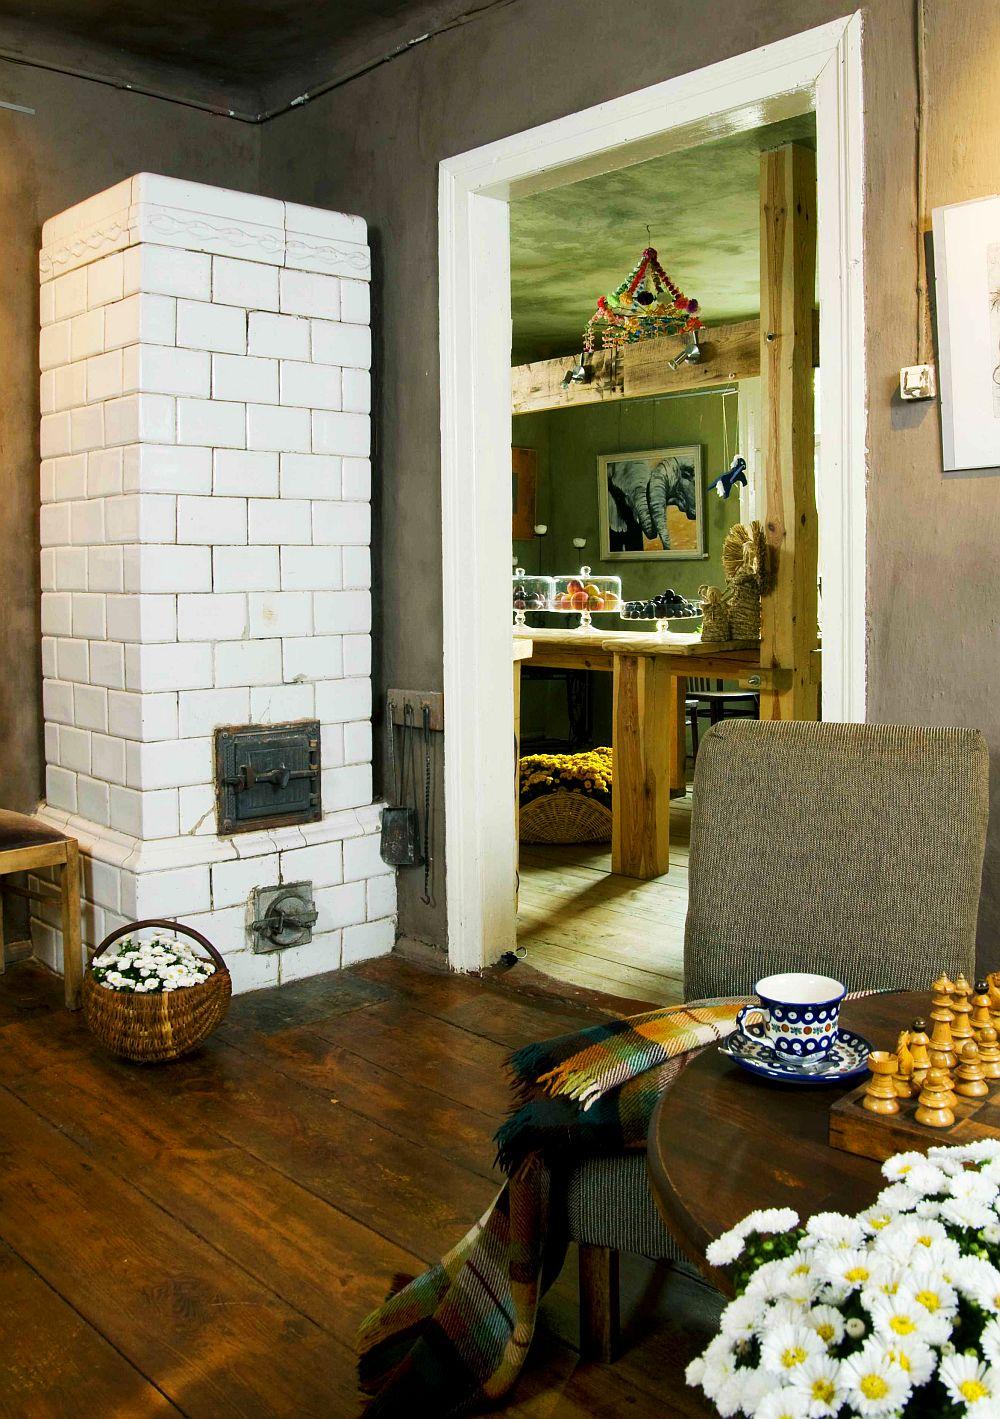 adelaparvu.com despre casa veche din lemn cu galerie de arta la tara, design Julita si Paul Sander, Foto Marek Szymanski (13)